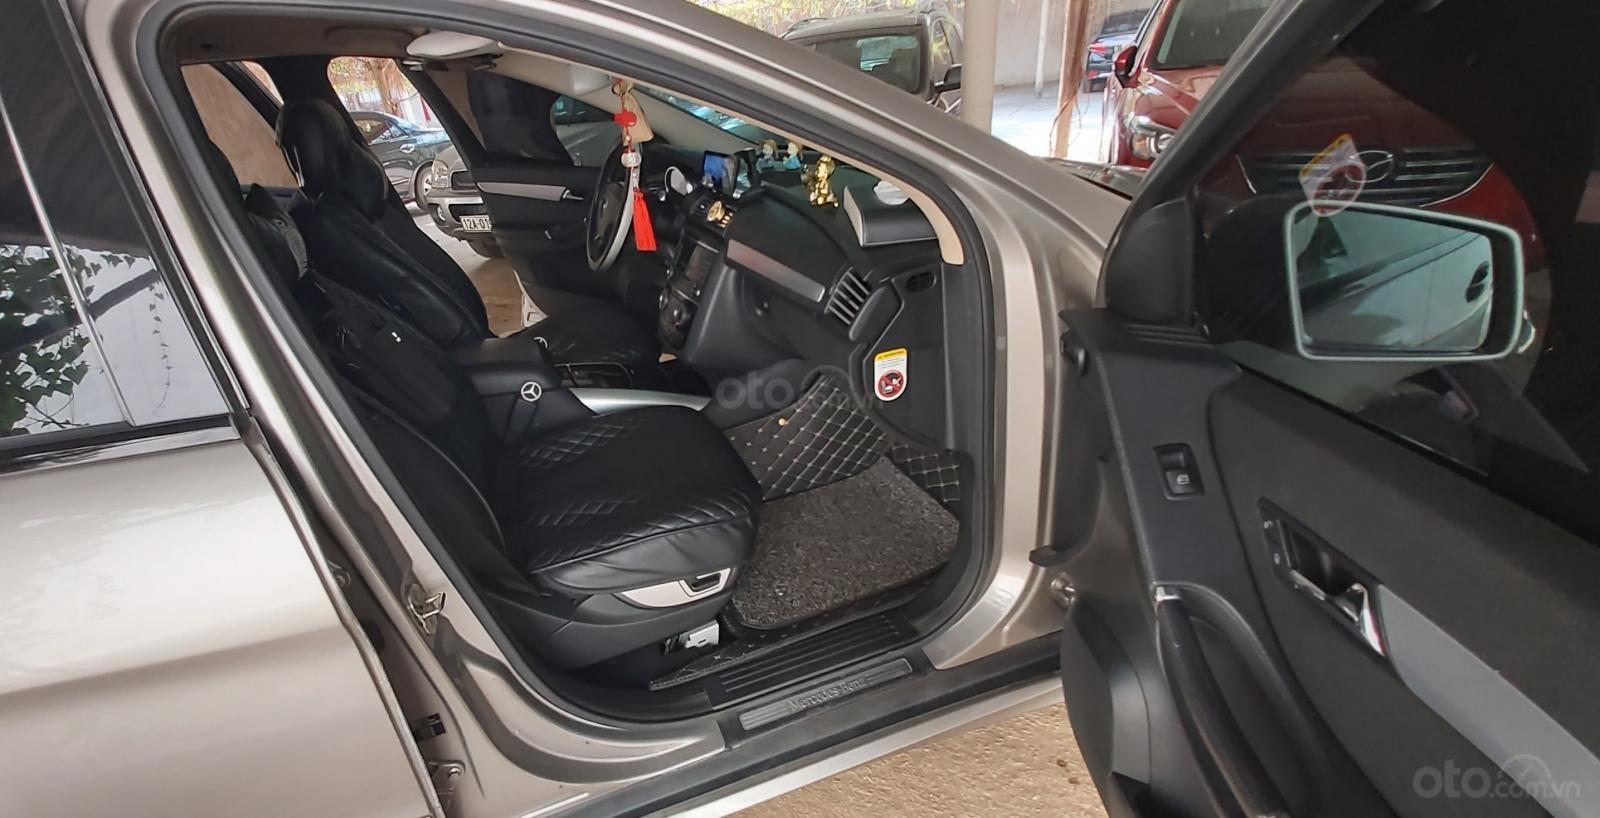 Bán ôtô Mescendes R350 mầu bạc nhập khẩu. Liên hệ Mr Huy 0867830886 (12)